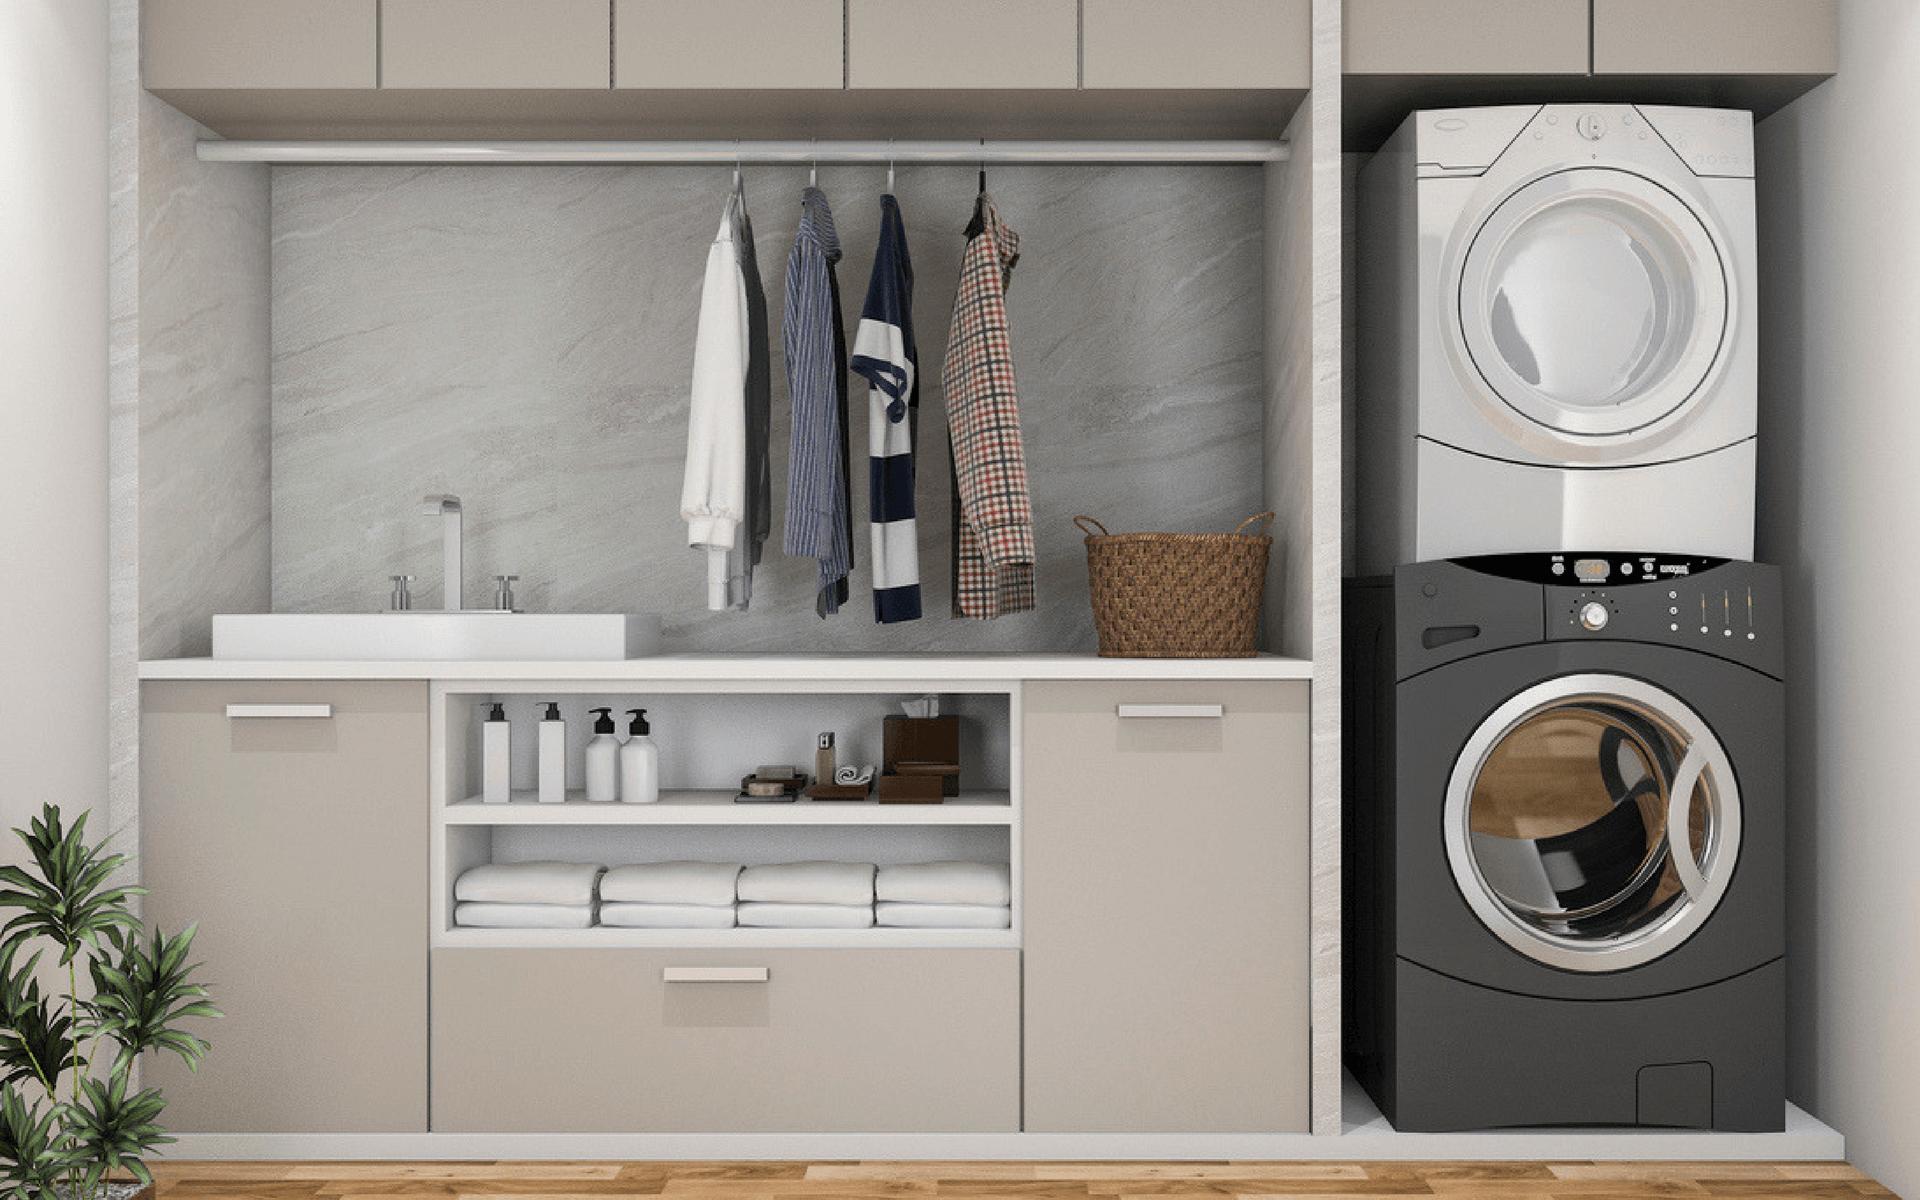 Consigli pratici e utili per disporre in maniera funzionale tutti gli arredi dentro il locale lavanderia di casa